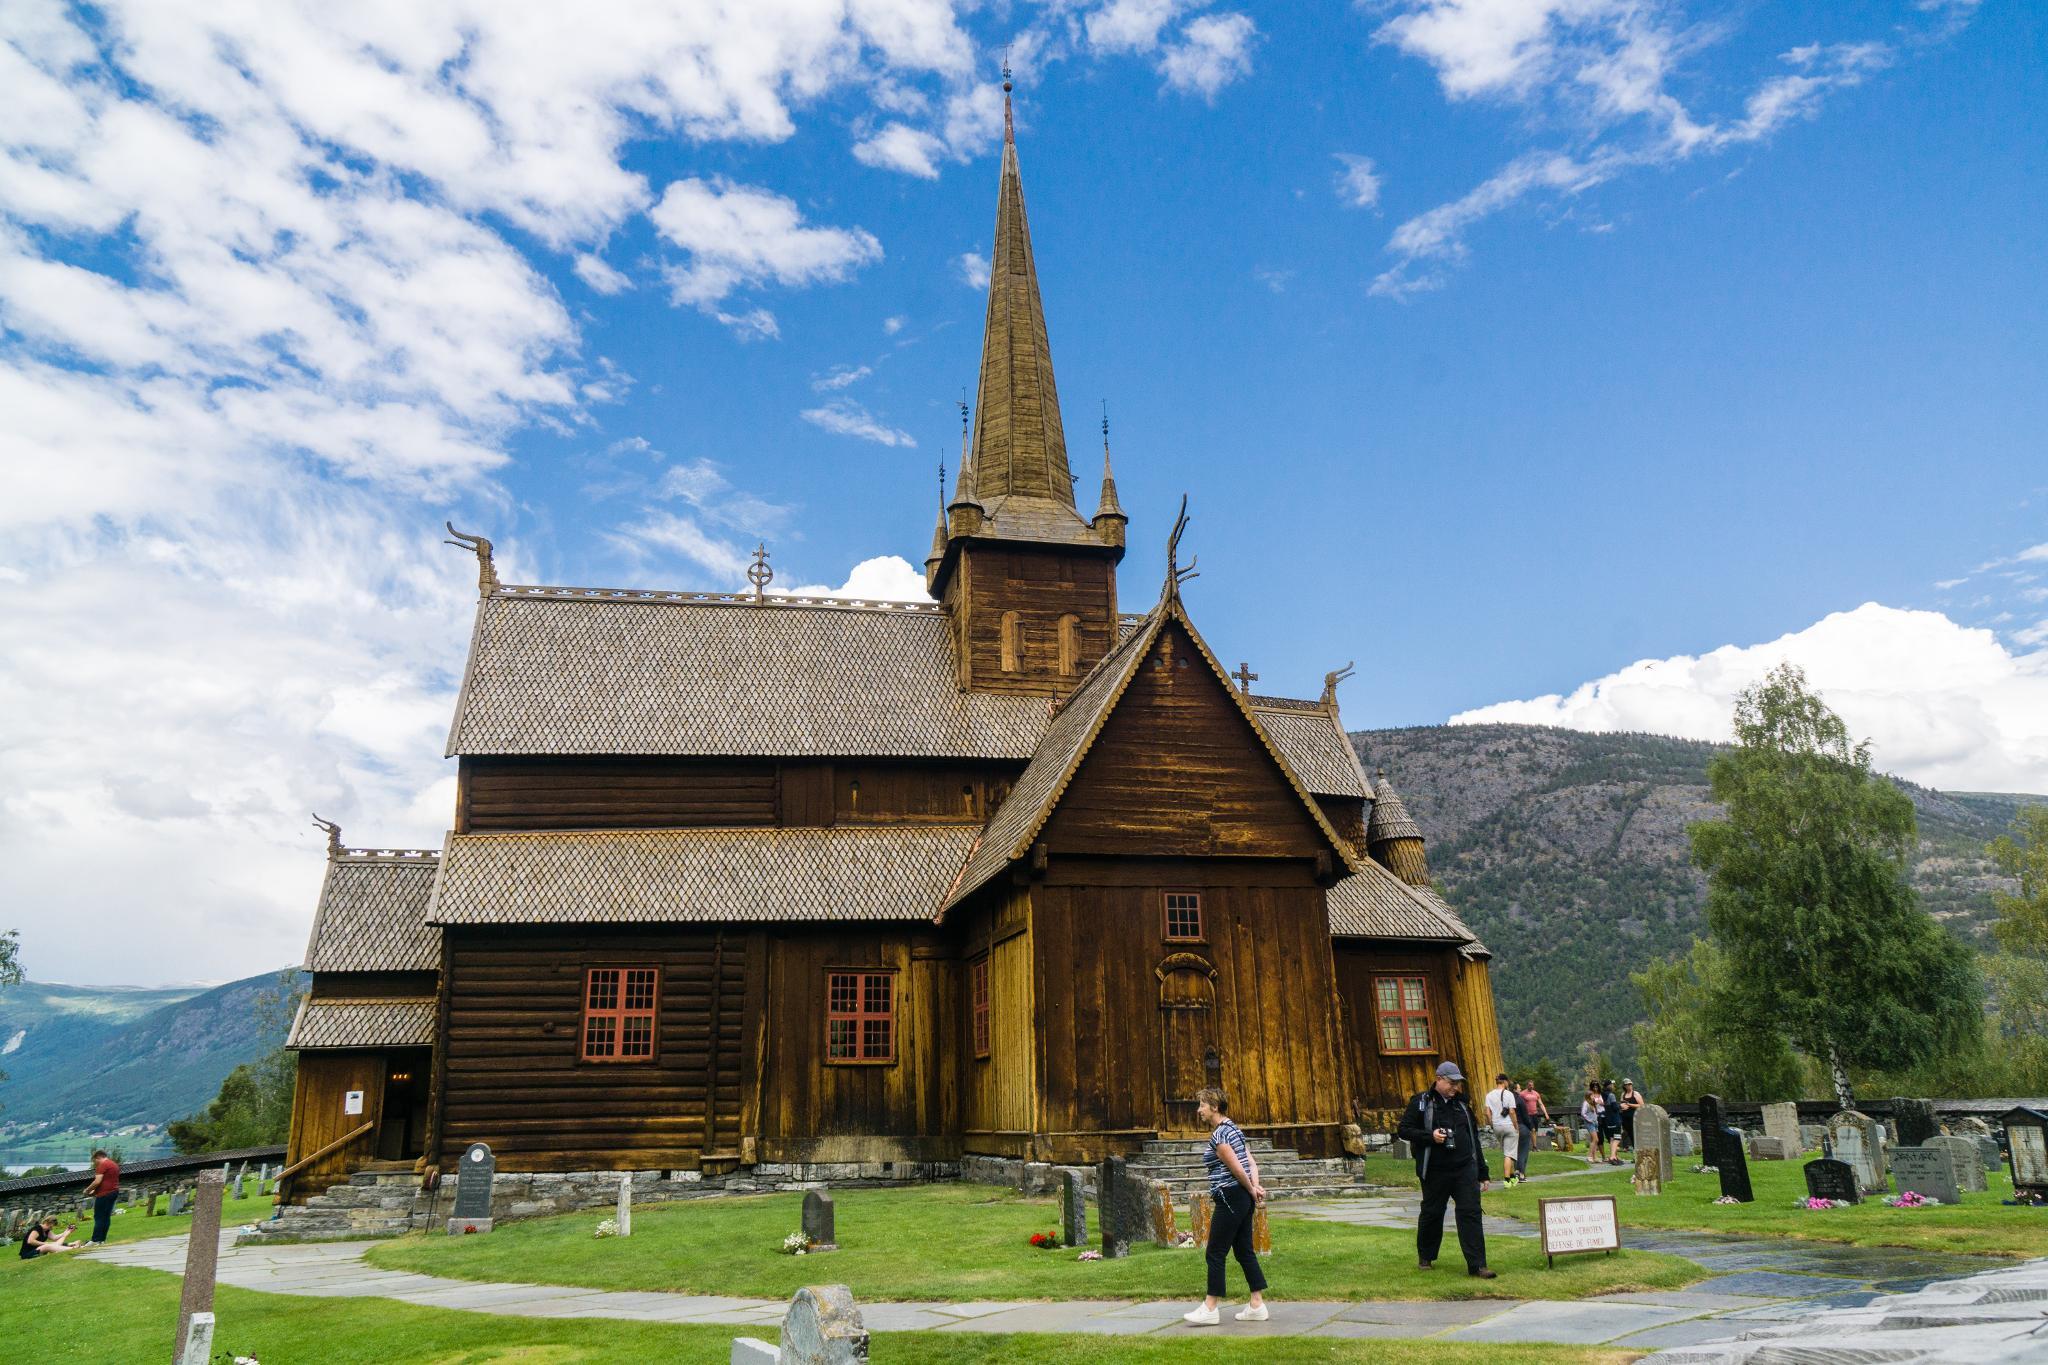 【北歐景點】穿越挪威的屋脊 - 前進北歐最美的冰原景觀公路 Fv55松恩山路 (Sognefjellet) 11